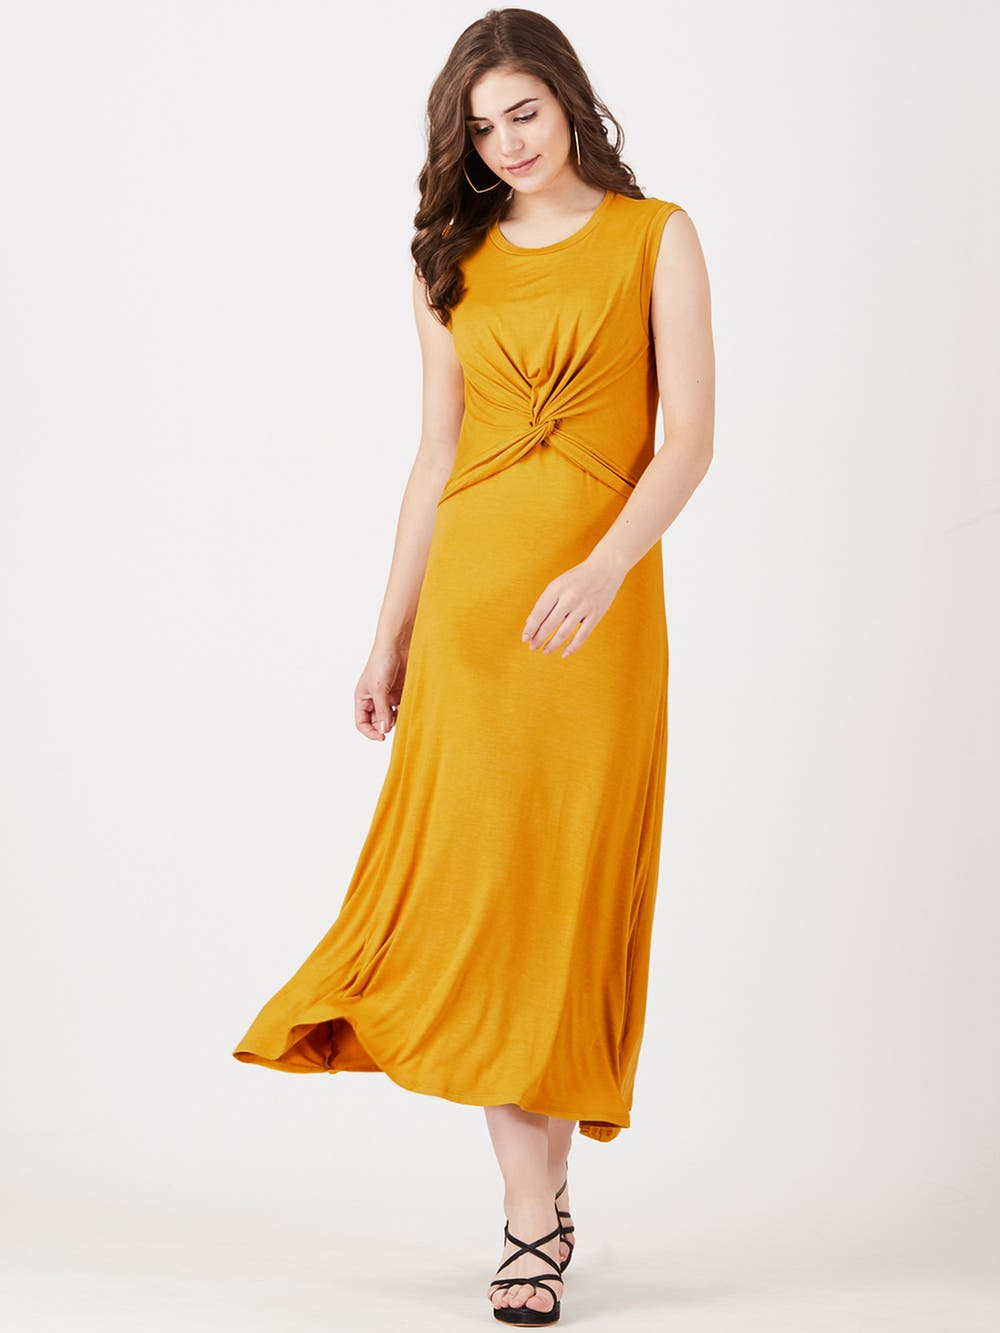 Mustard Yellow Knotted Long Dress